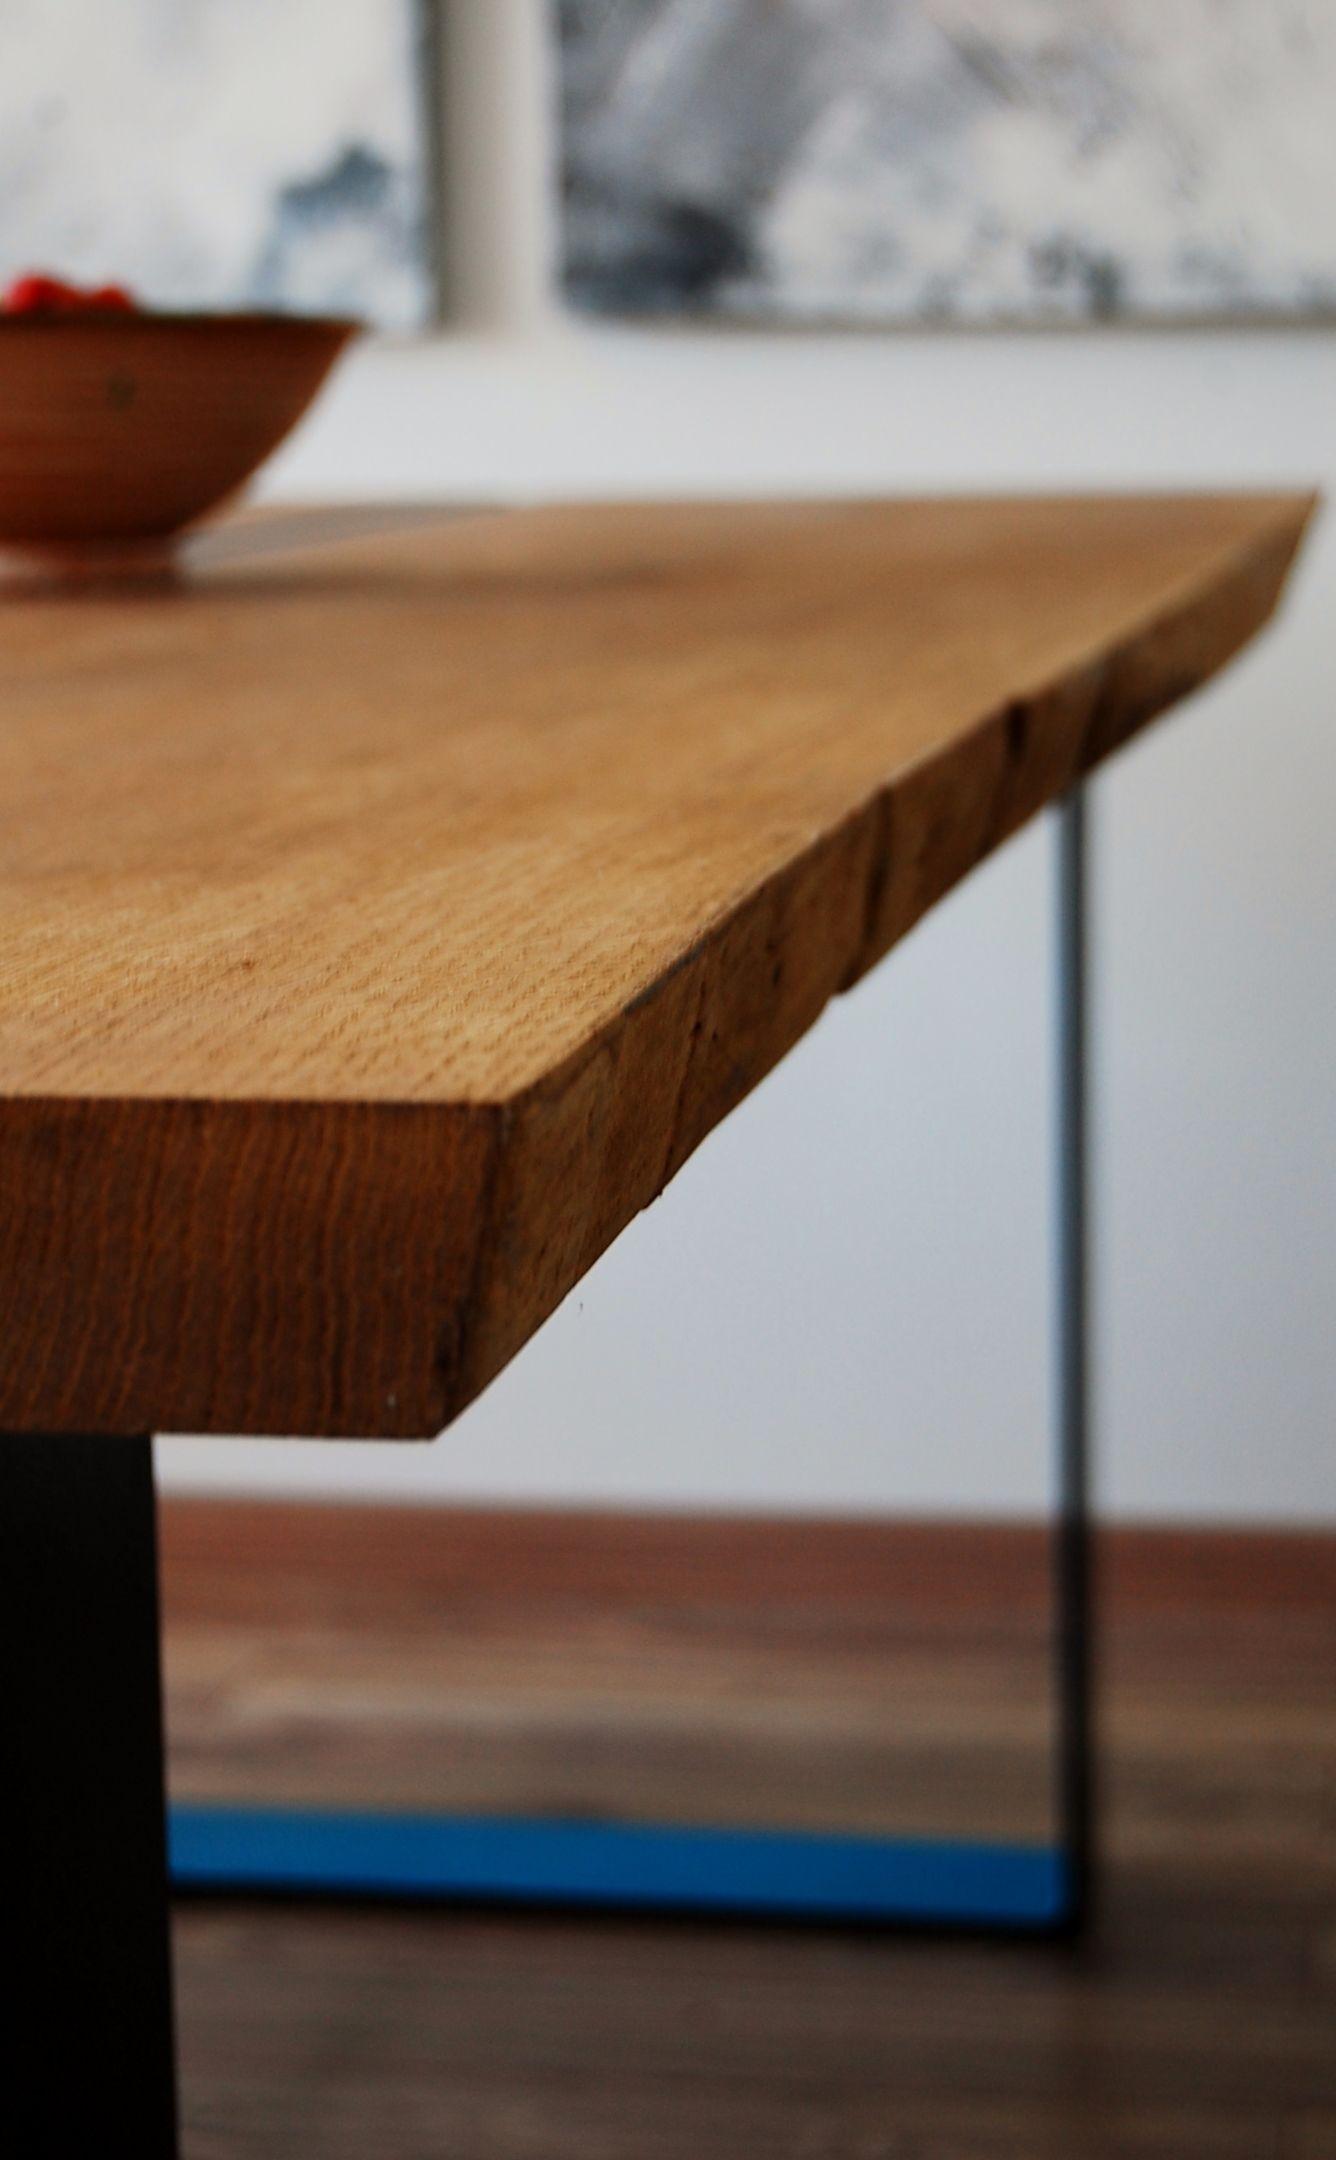 Esstisch wildeiche baumkante  Esstisch Eiche mit Baumkante | Ideen rund ums Haus | Pinterest ...